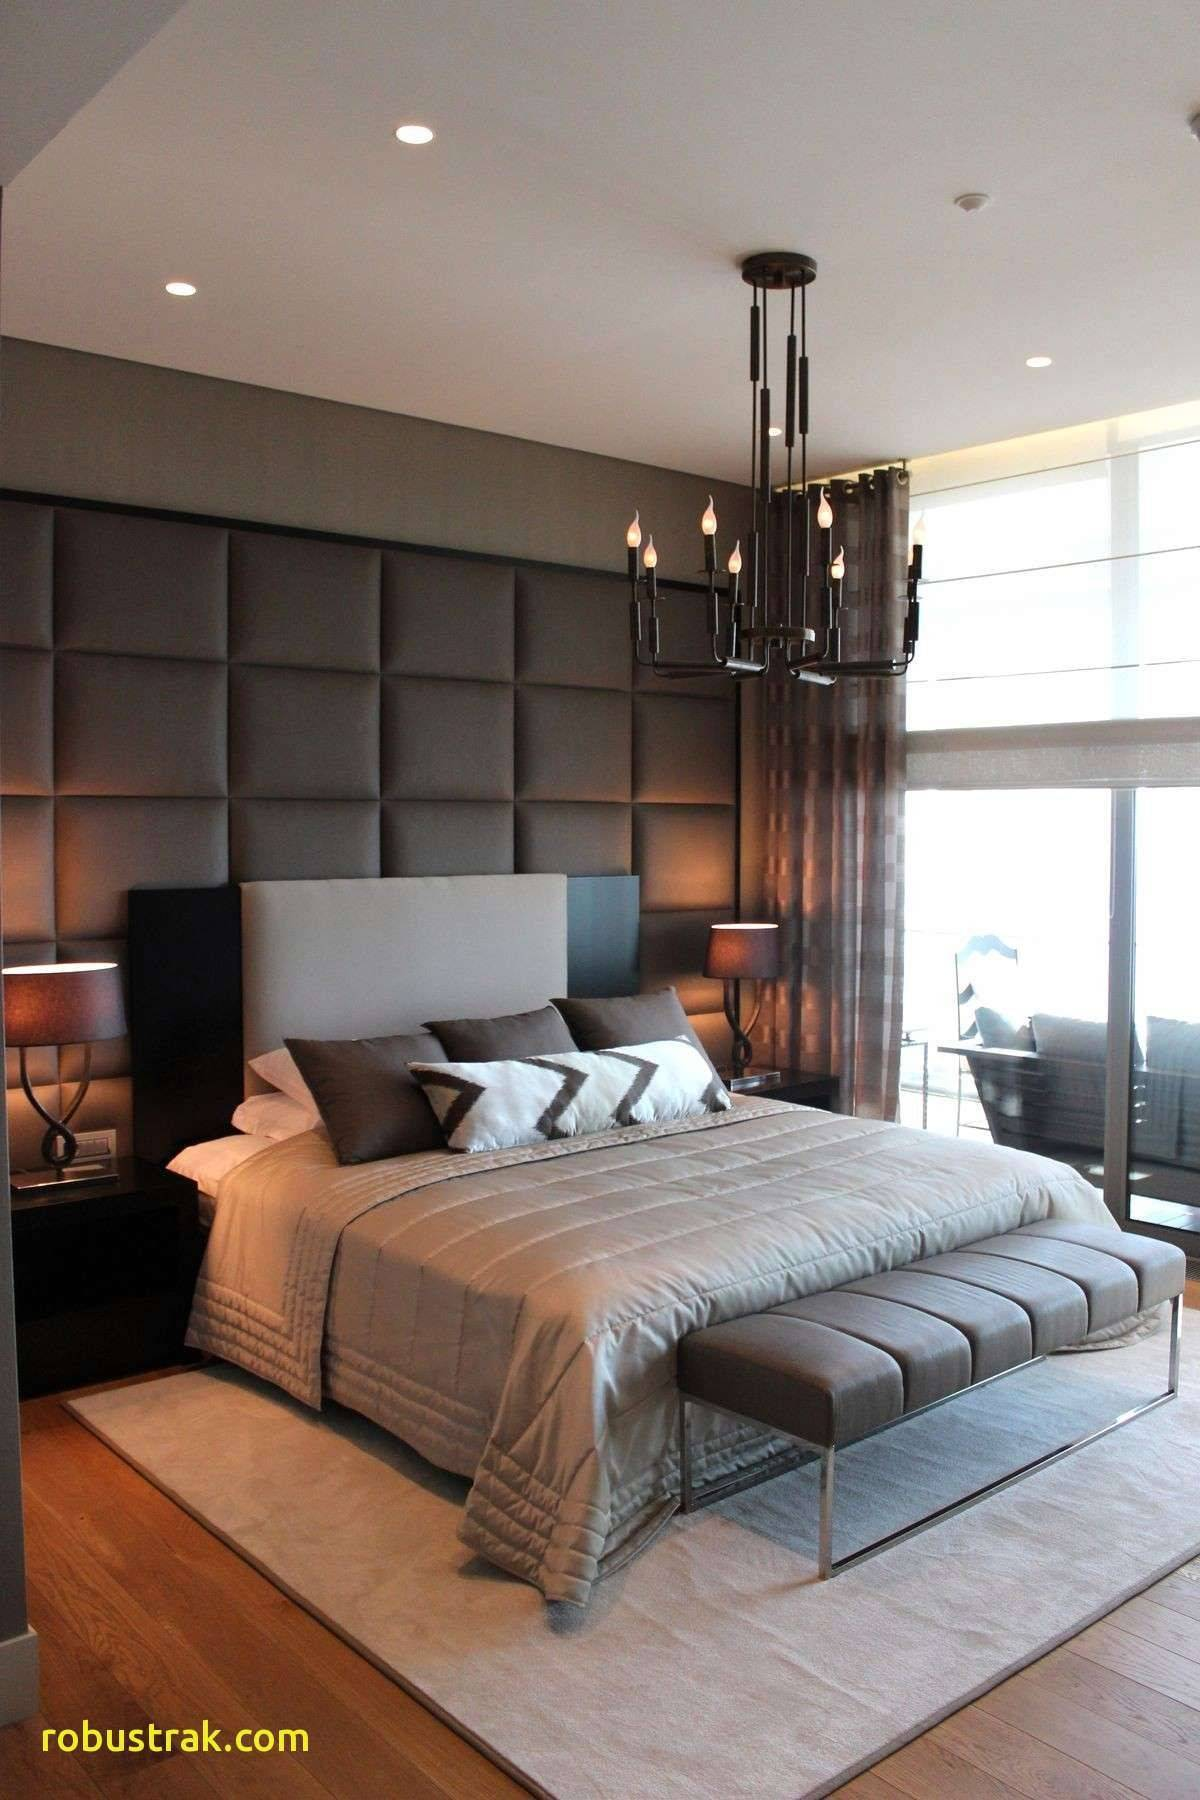 design bedroom wall lovely media cache ec0 pinimg 1200x 03 01 0d master bedroom bedding ideas master bedroom bedding ideas